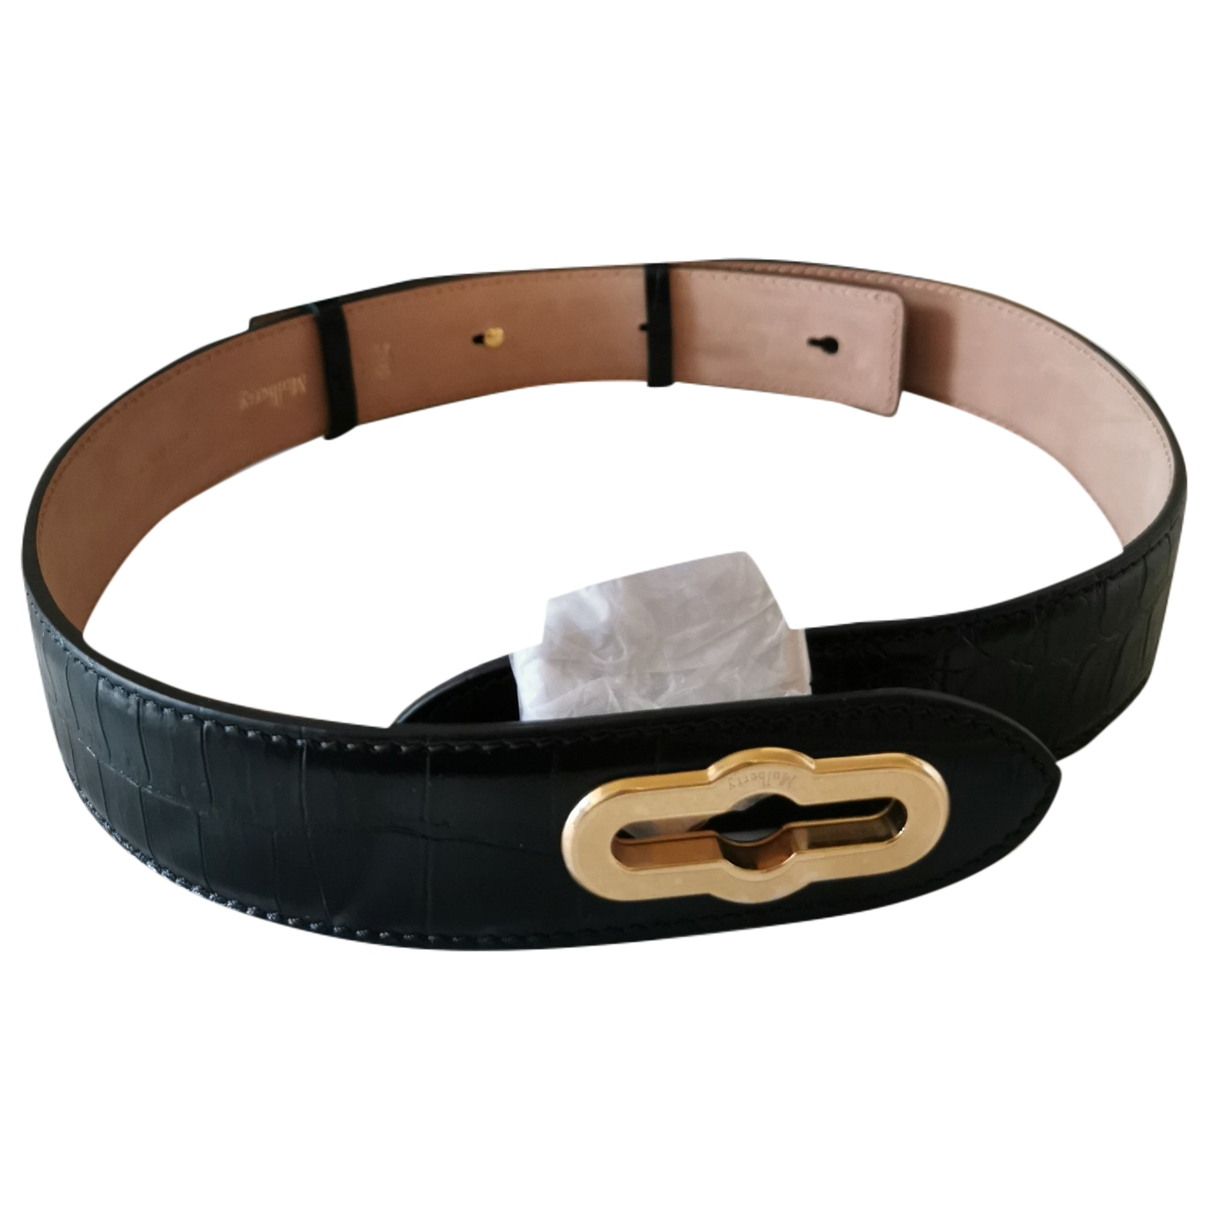 Cinturon de Cuero Mulberry